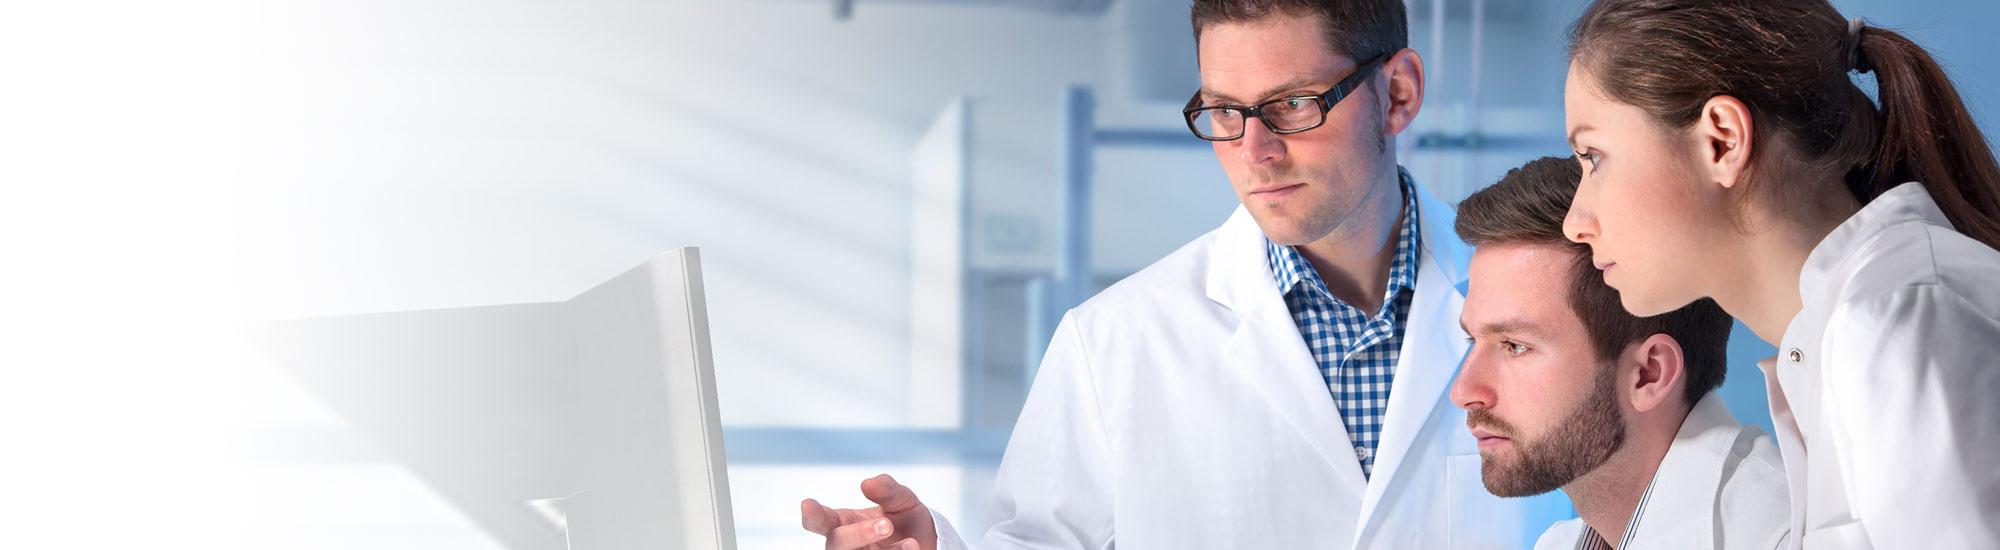 drug-testing-lab-setup | DTPM